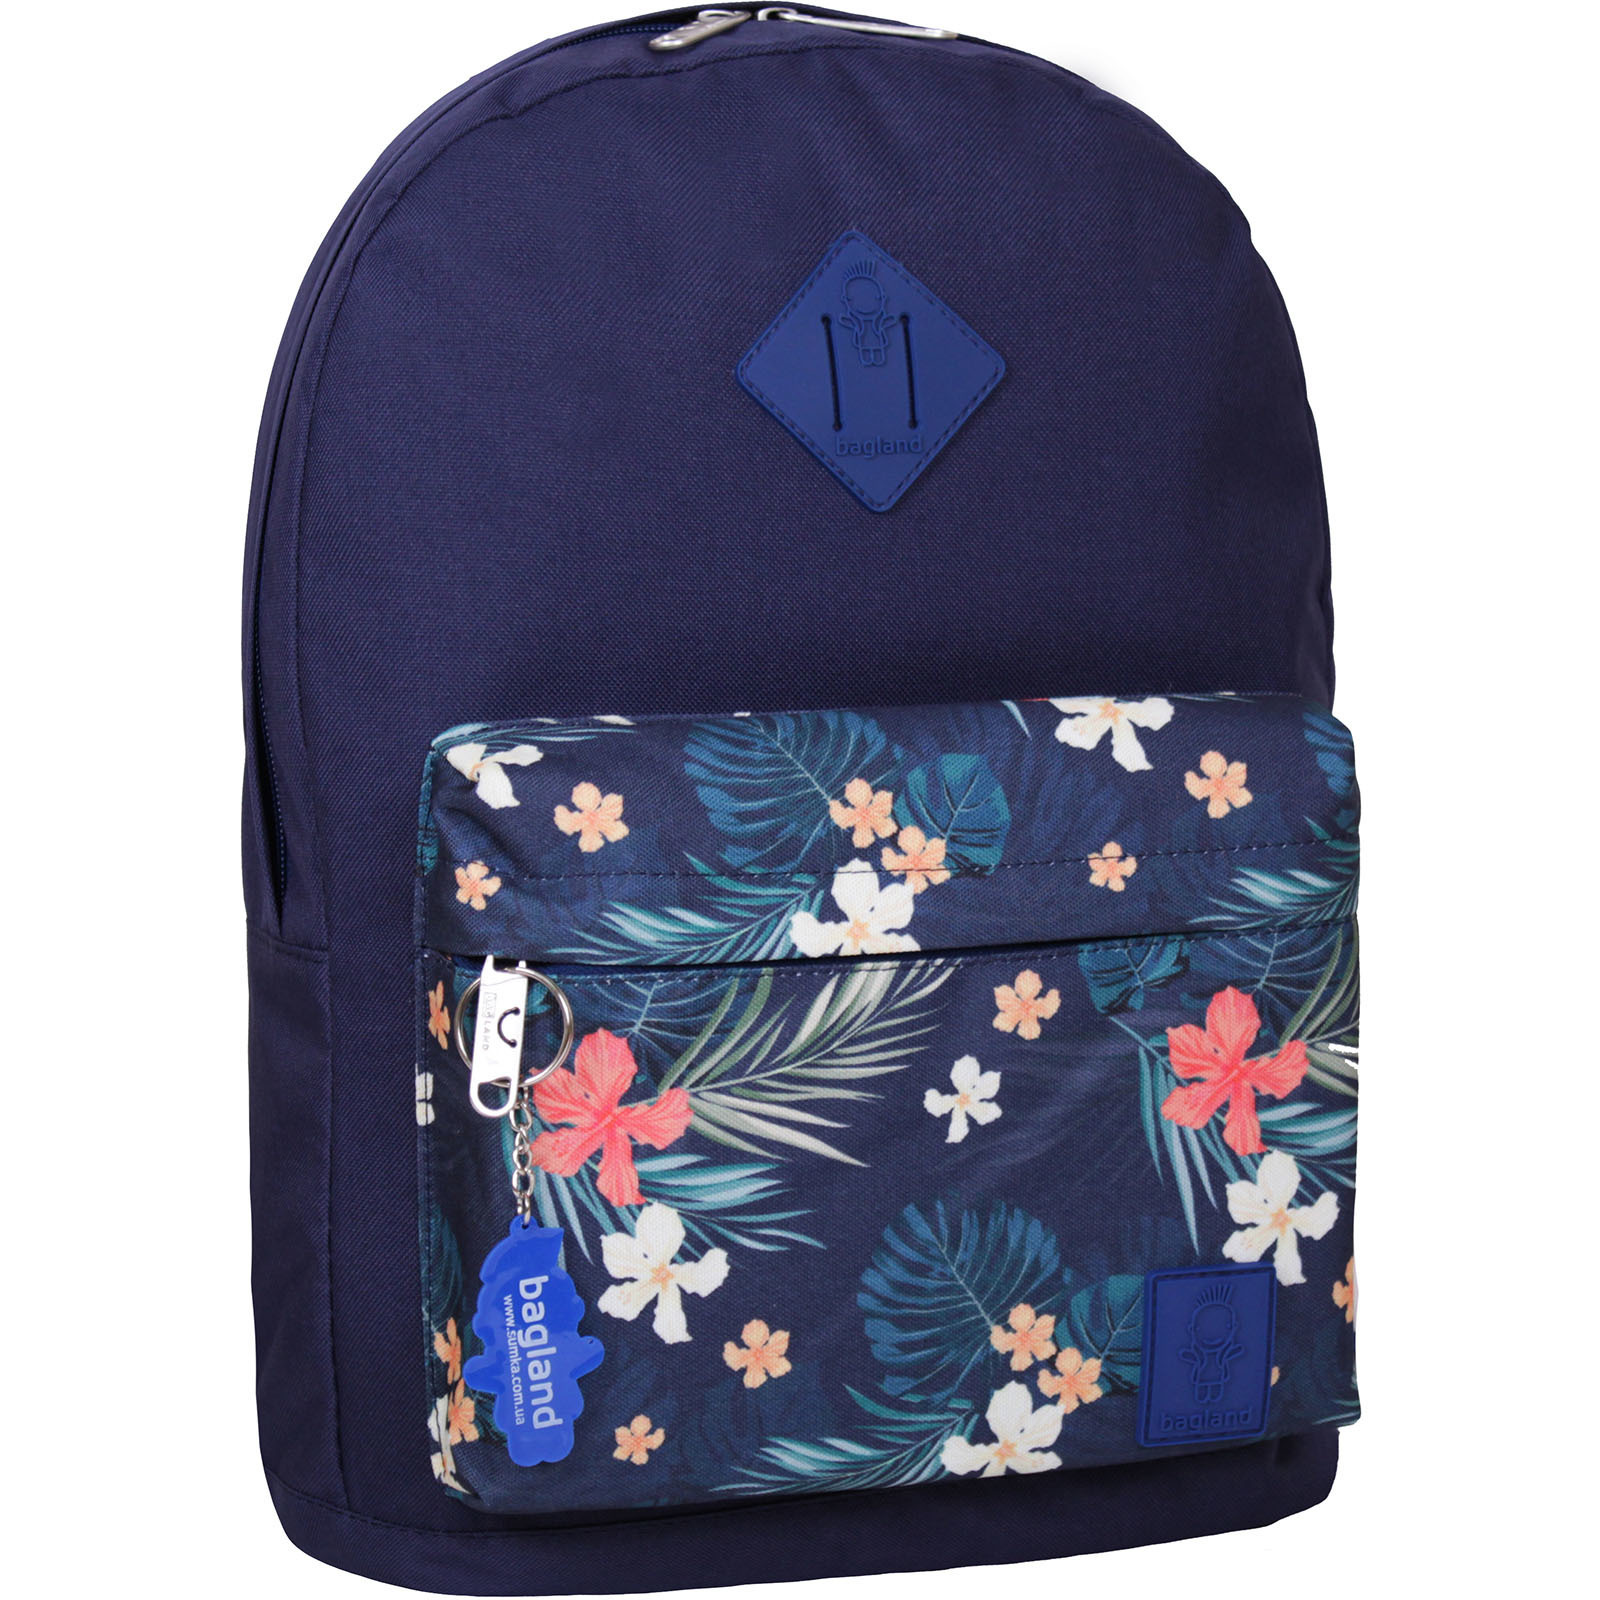 Городские рюкзаки Рюкзак Bagland Молодежный W/R 17 л. 330 чорнильний 103 (00533662) IMG_3770.JPG